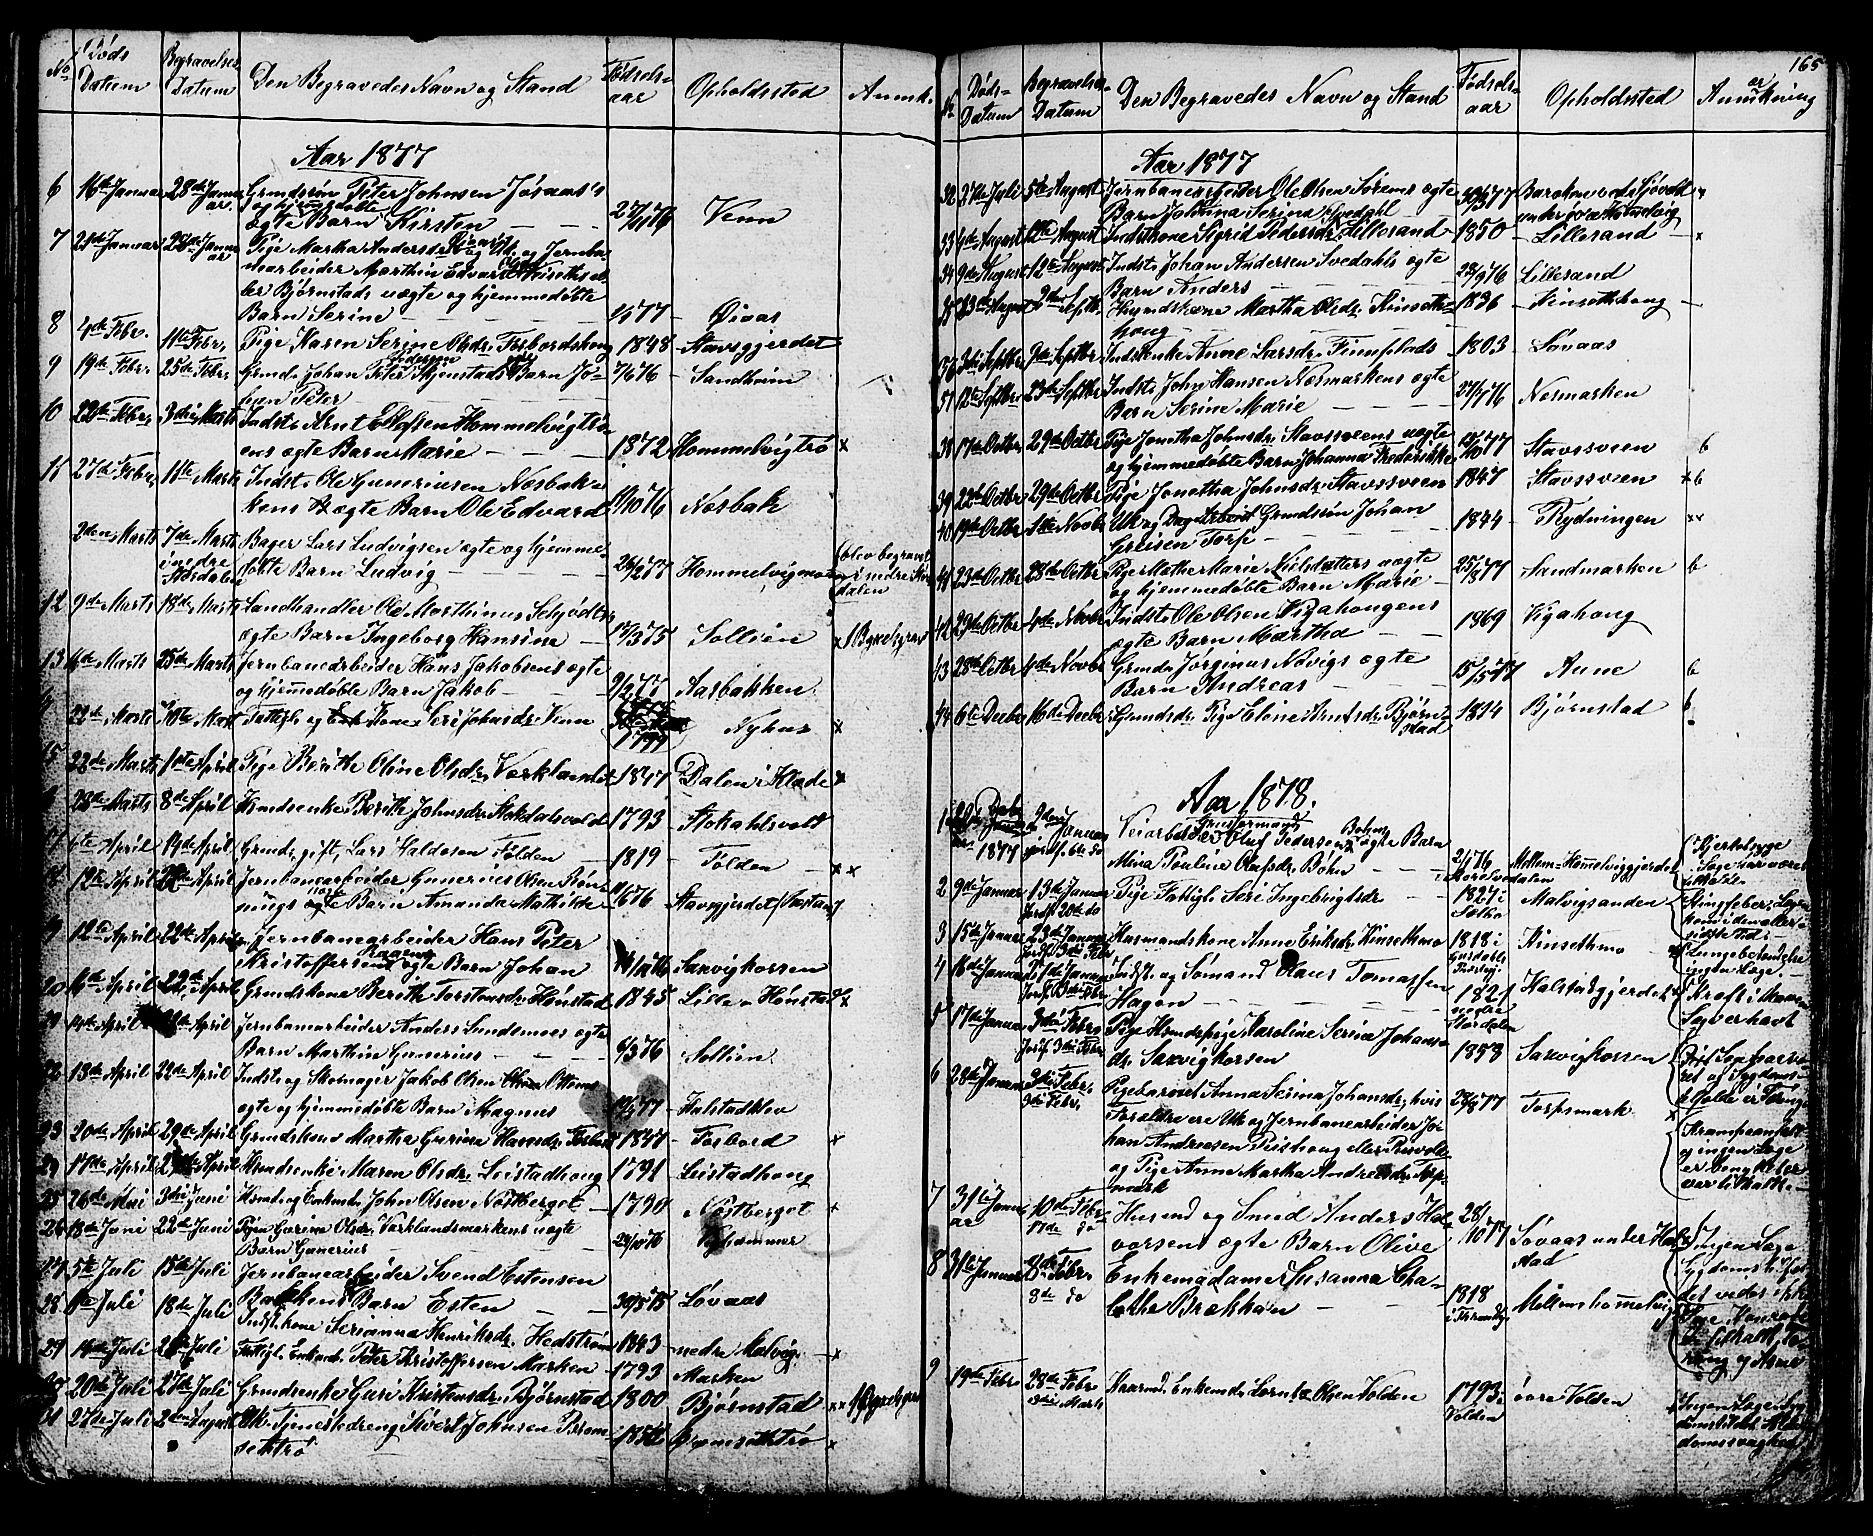 SAT, Ministerialprotokoller, klokkerbøker og fødselsregistre - Sør-Trøndelag, 616/L0422: Klokkerbok nr. 616C05, 1850-1888, s. 165